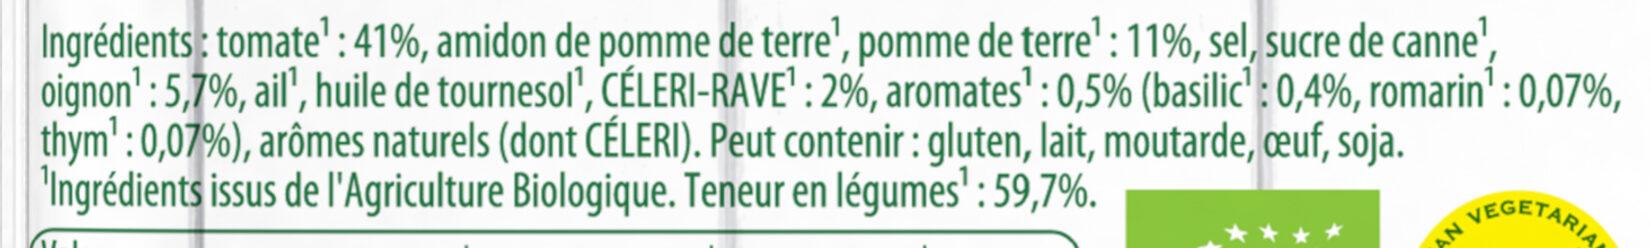 Knorr Soupe Liquide Bio Tomates et Pointe d'Herbes Sachet 45g 2 Portions - Ingredientes - fr